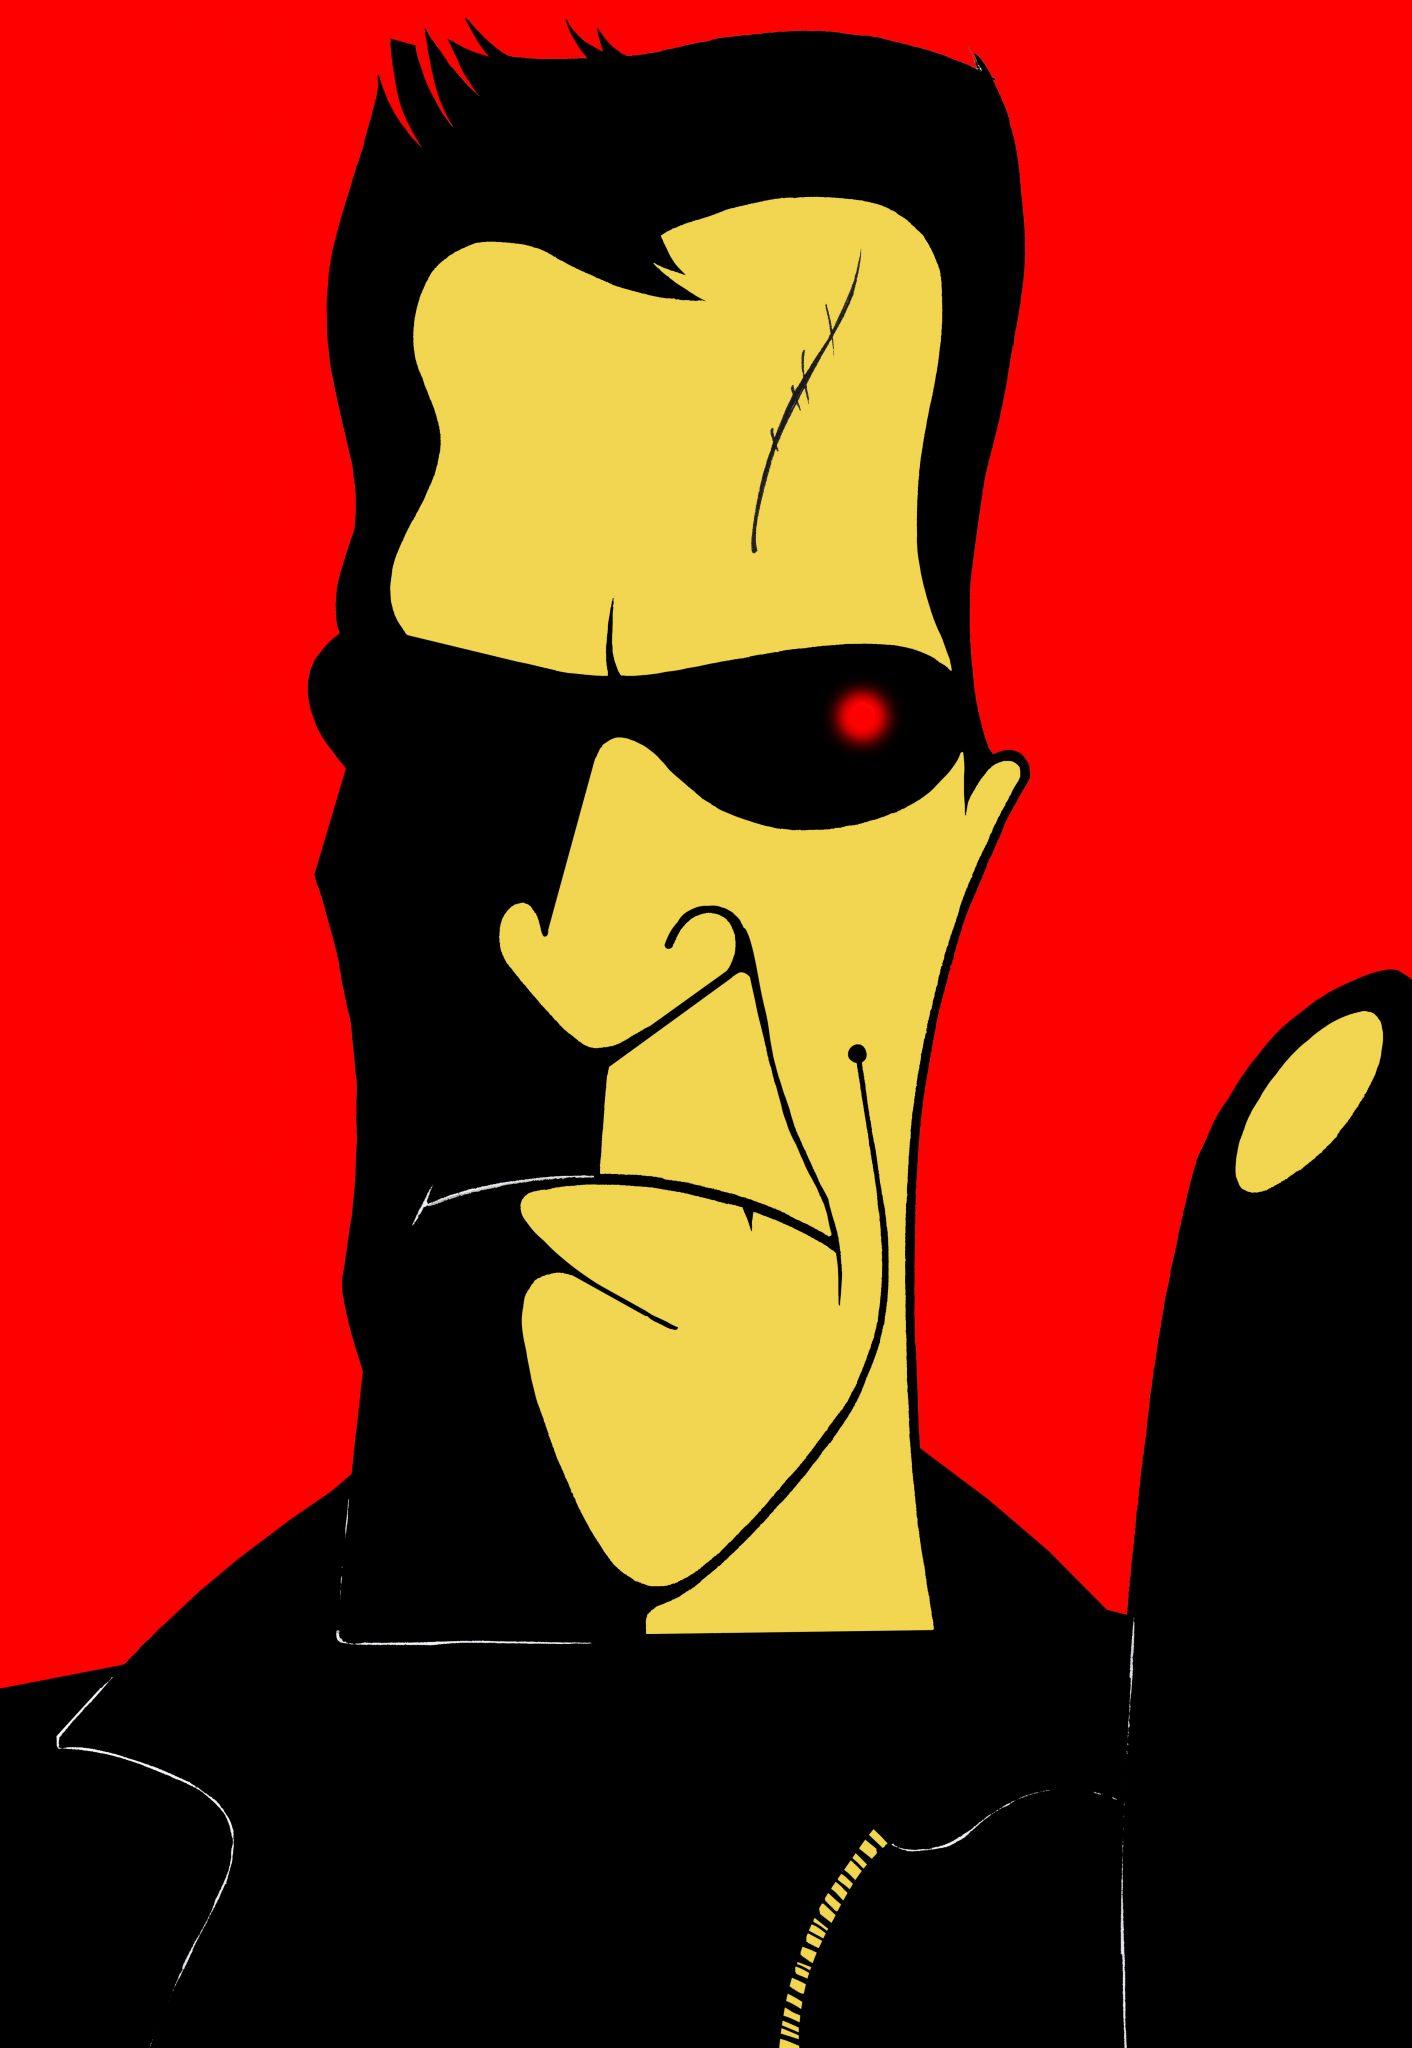 Caricatura de Terminator por Cristina Figueroa